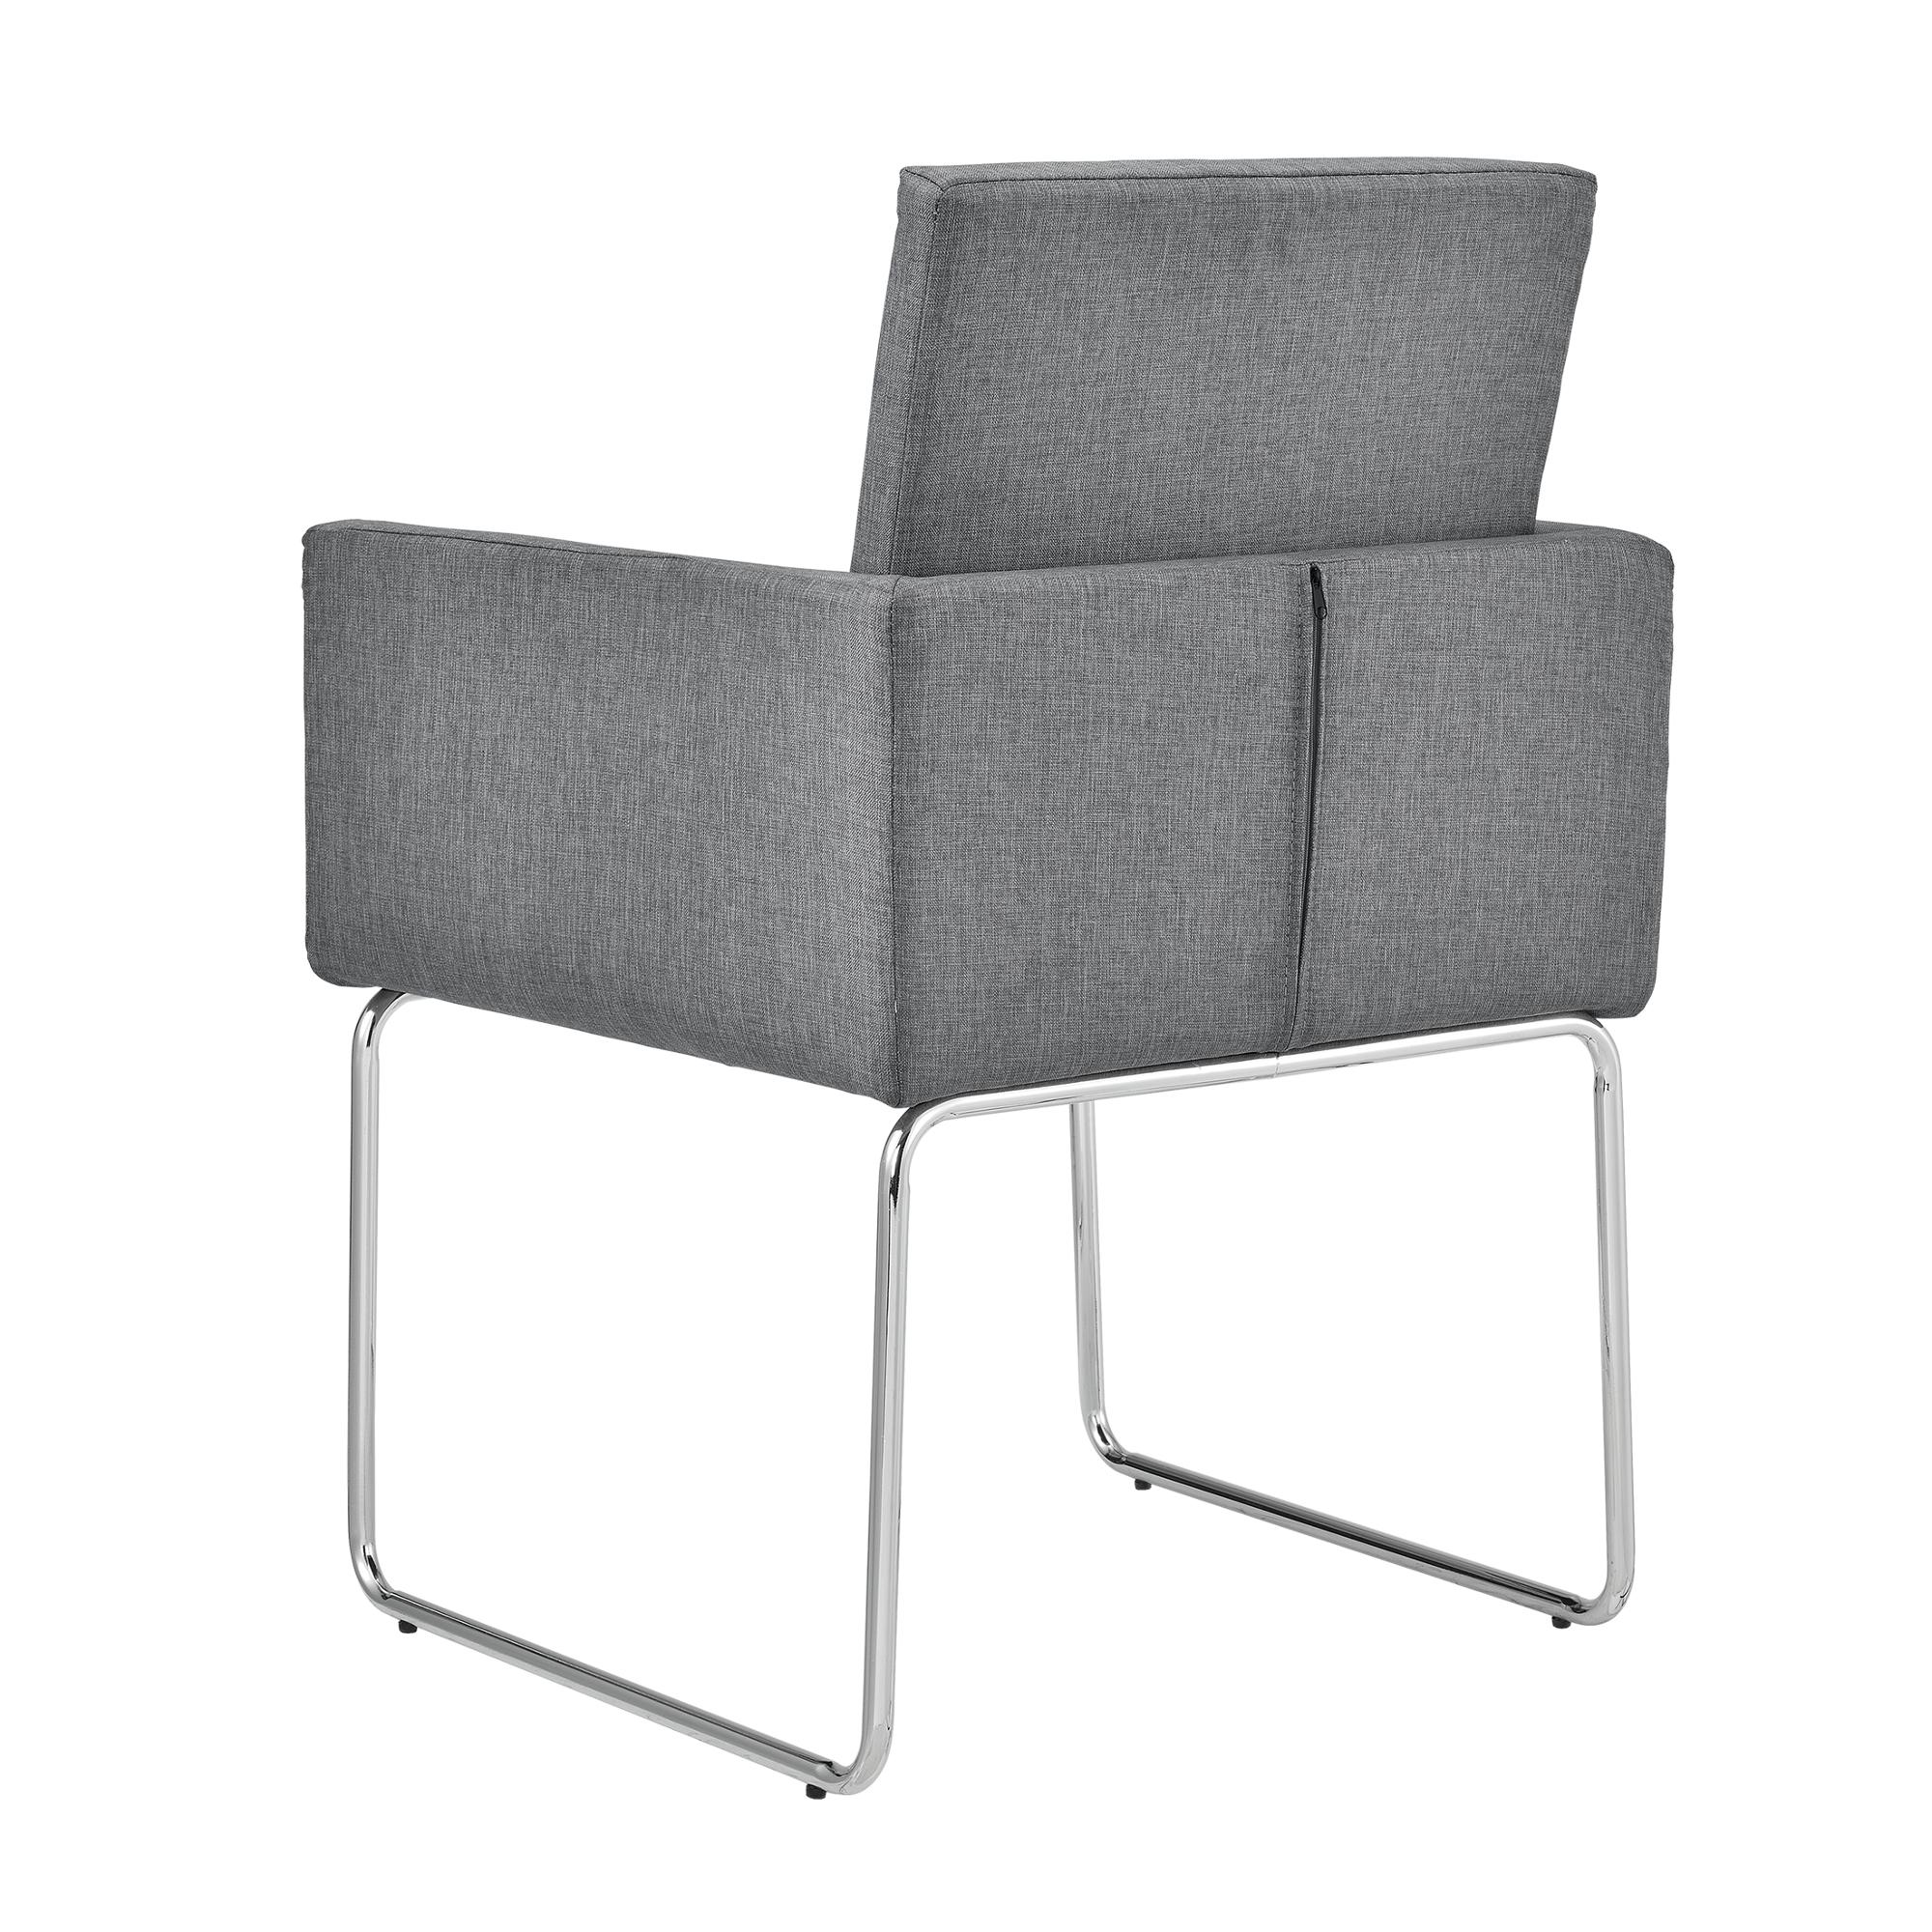 Set de 2 sillas de comedor gris oscuro tela for Sillas tapizadas con reposabrazos